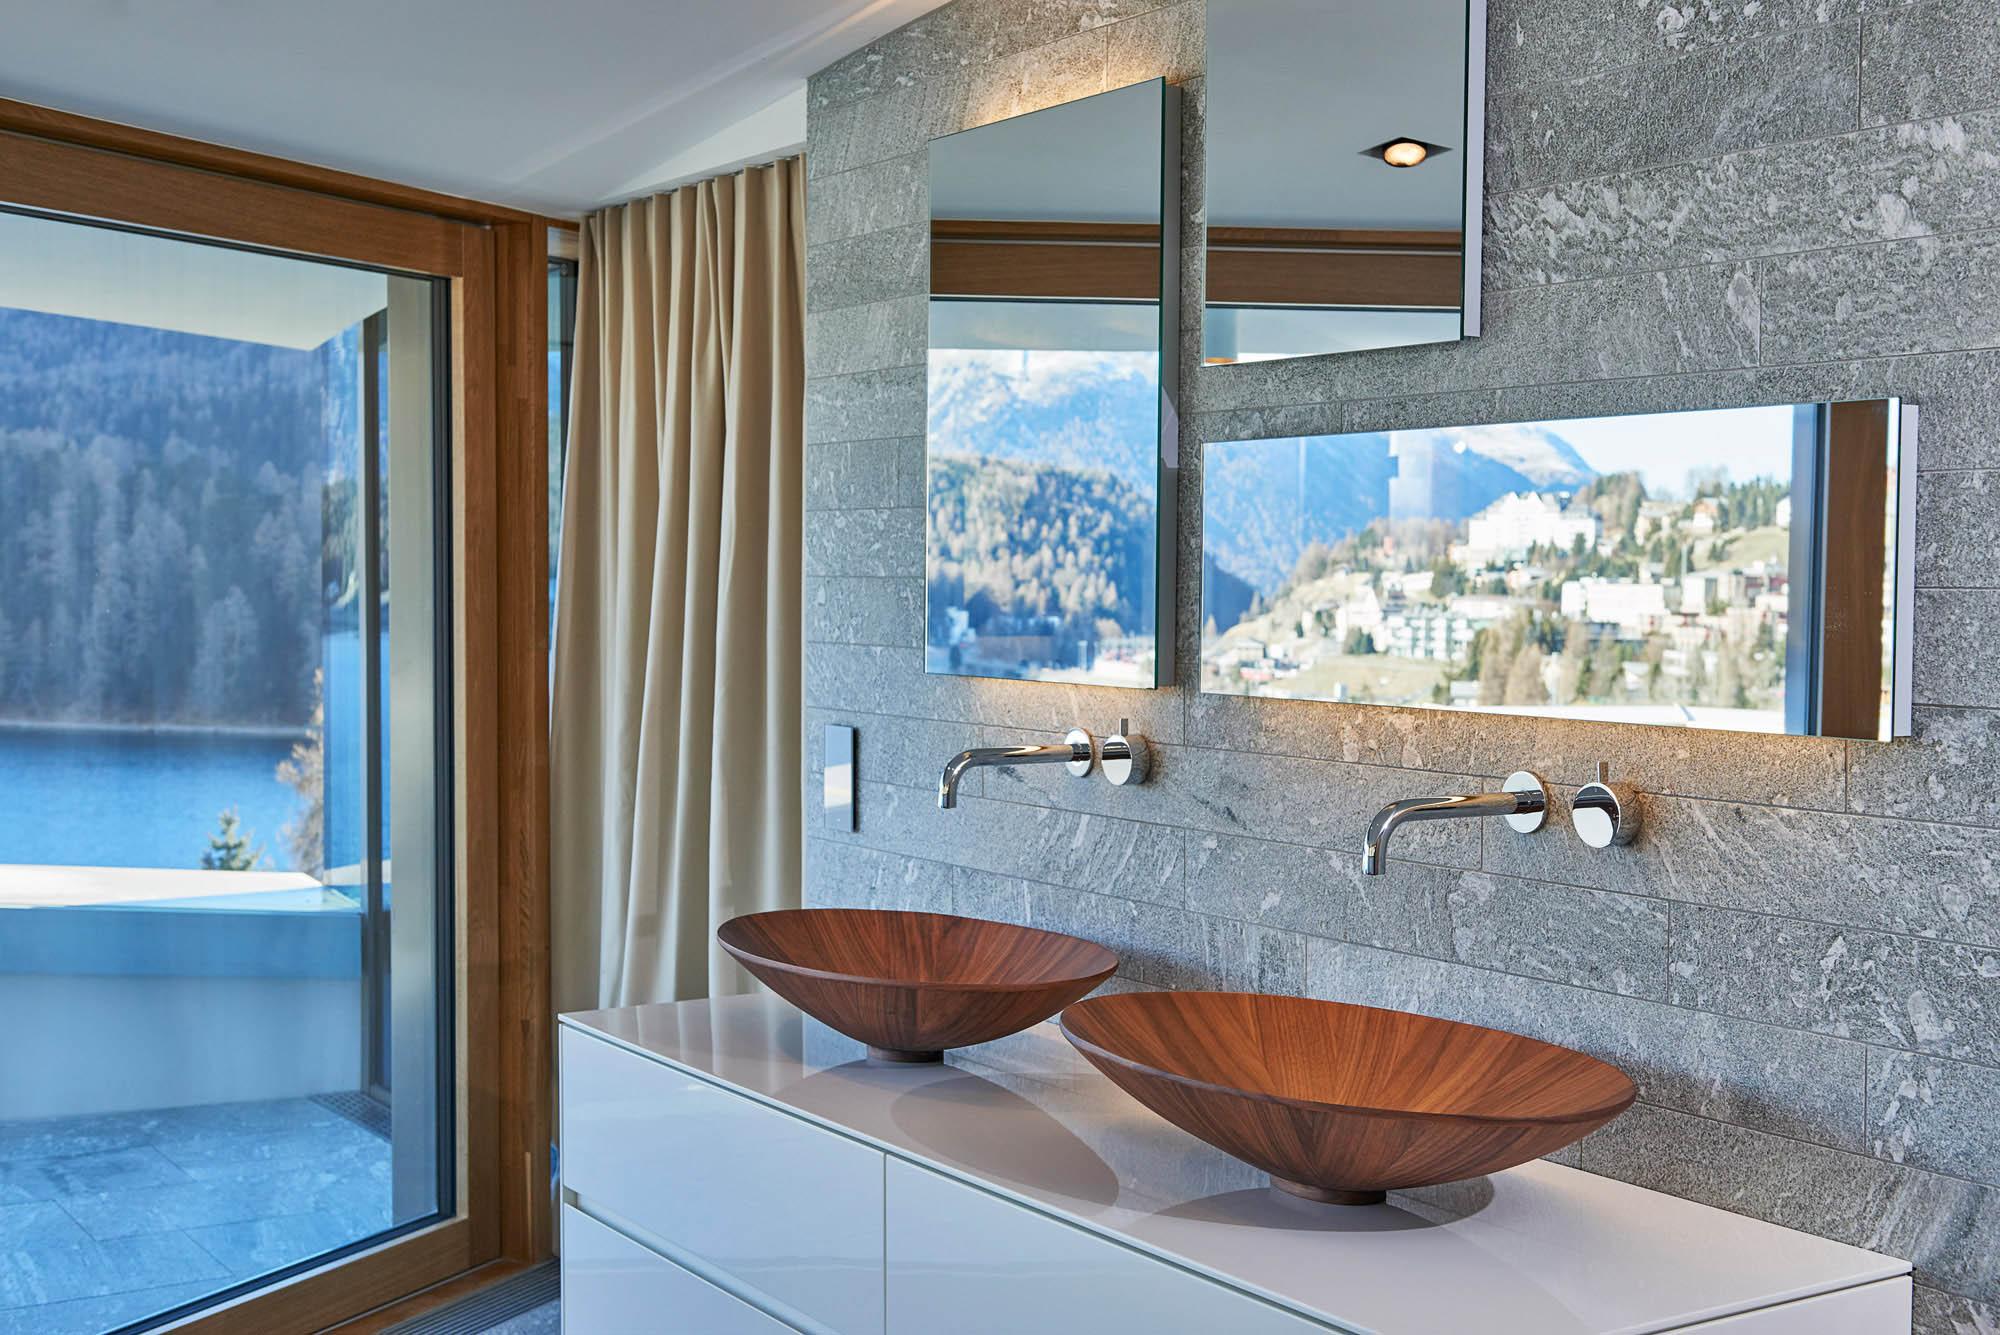 OPC 151127 0072 - Penthouse St. Moritz: Frisch eingerichtet, frisch abgelichtet